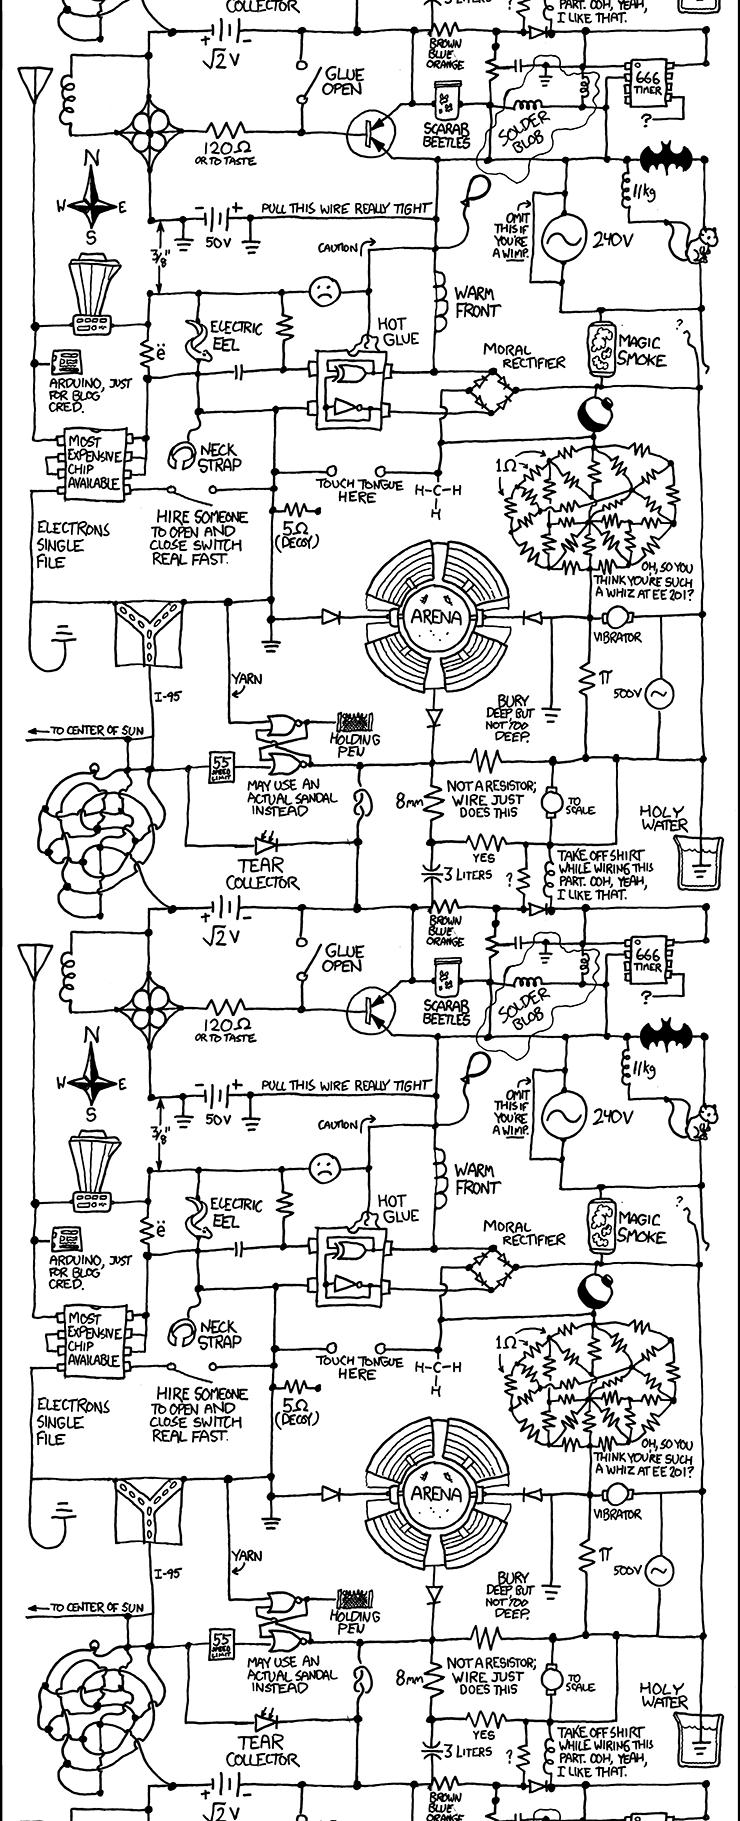 circuit diagram xkcd wiring diagram furthermore xkcd circuit diagram on porsche 911 sc  wiring diagram furthermore xkcd circuit